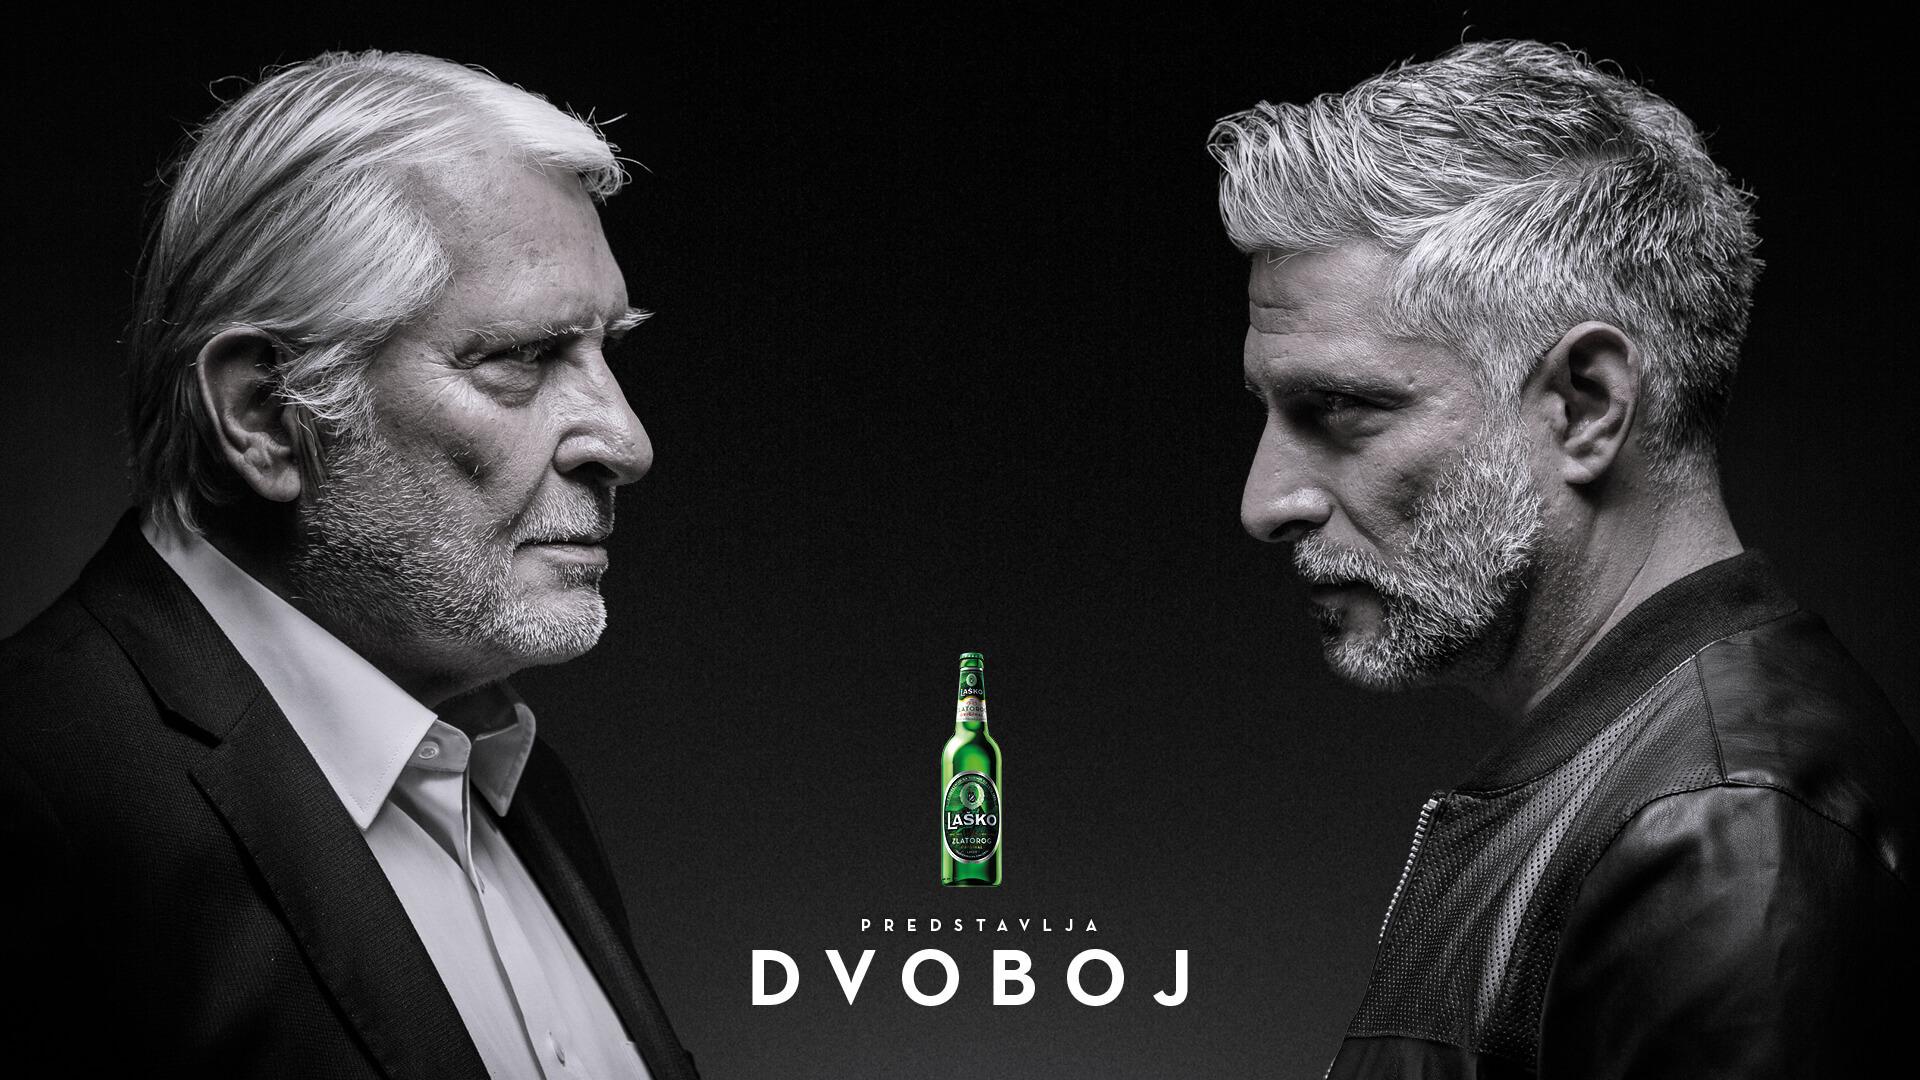 Laško - Dvoboj